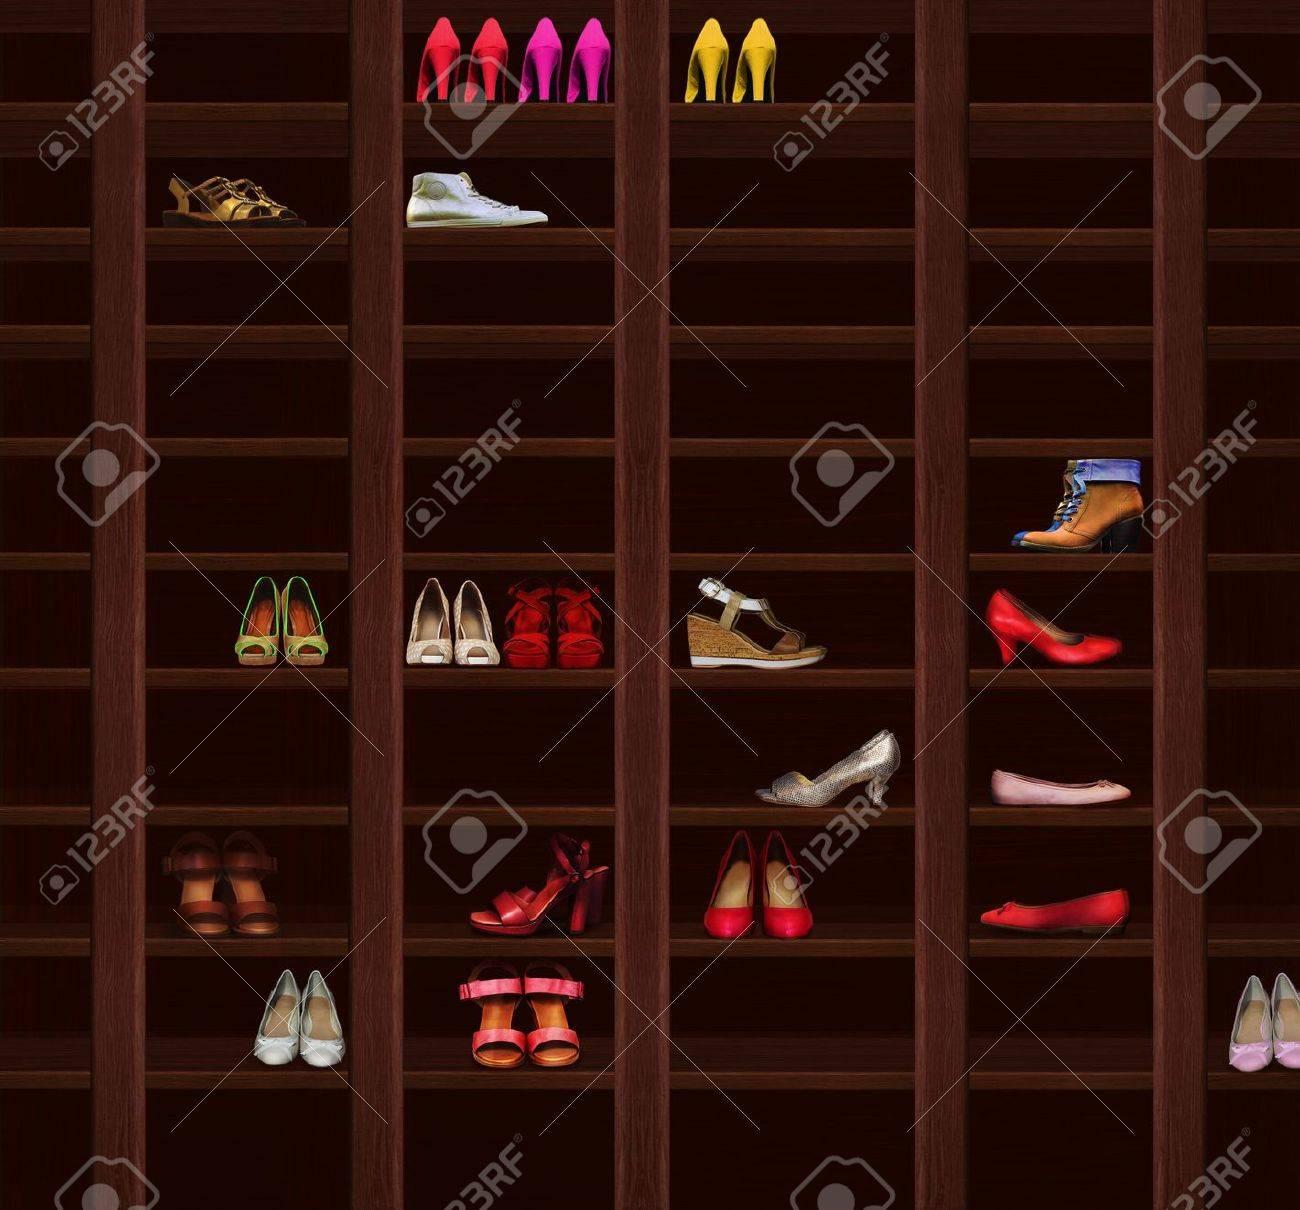 mejor baratas precio moderado apariencia estética Armario. Los estantes de madera marrón con zapatos de mujer. Moda